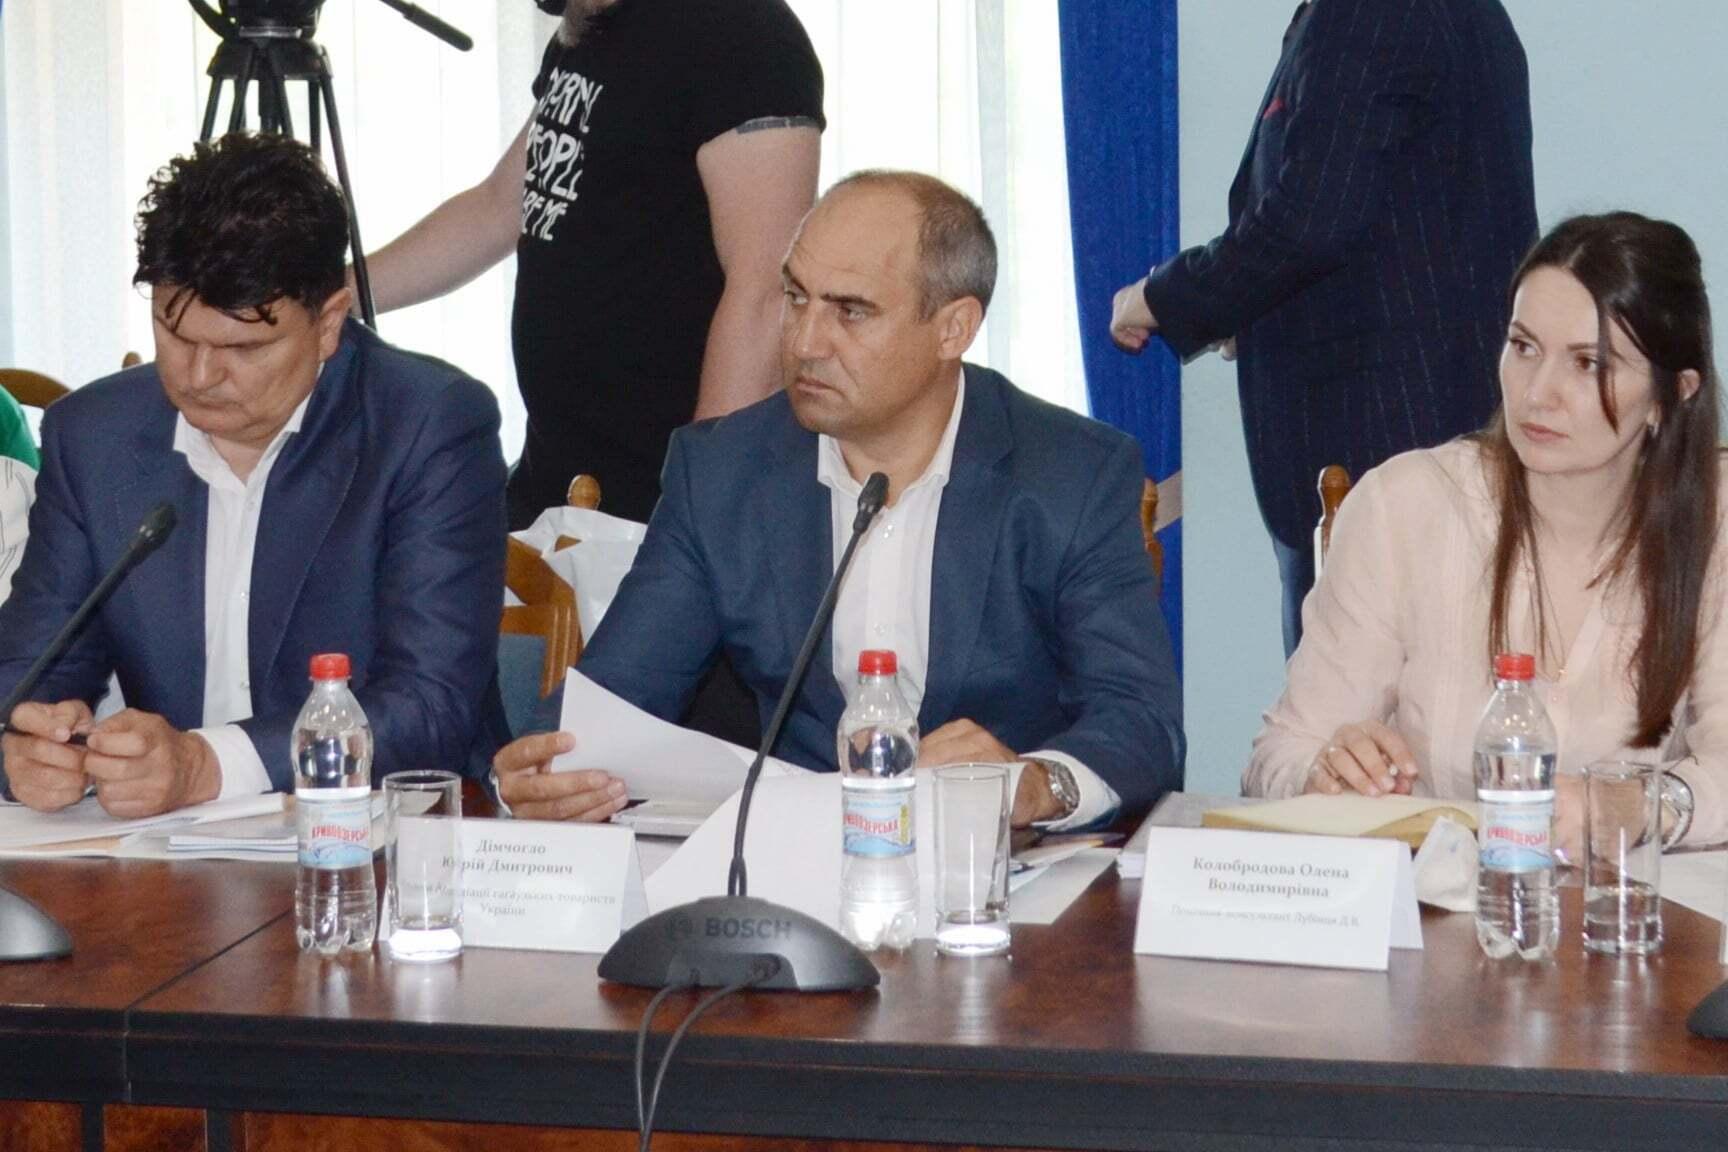 Юрий Димчогло (в центре)